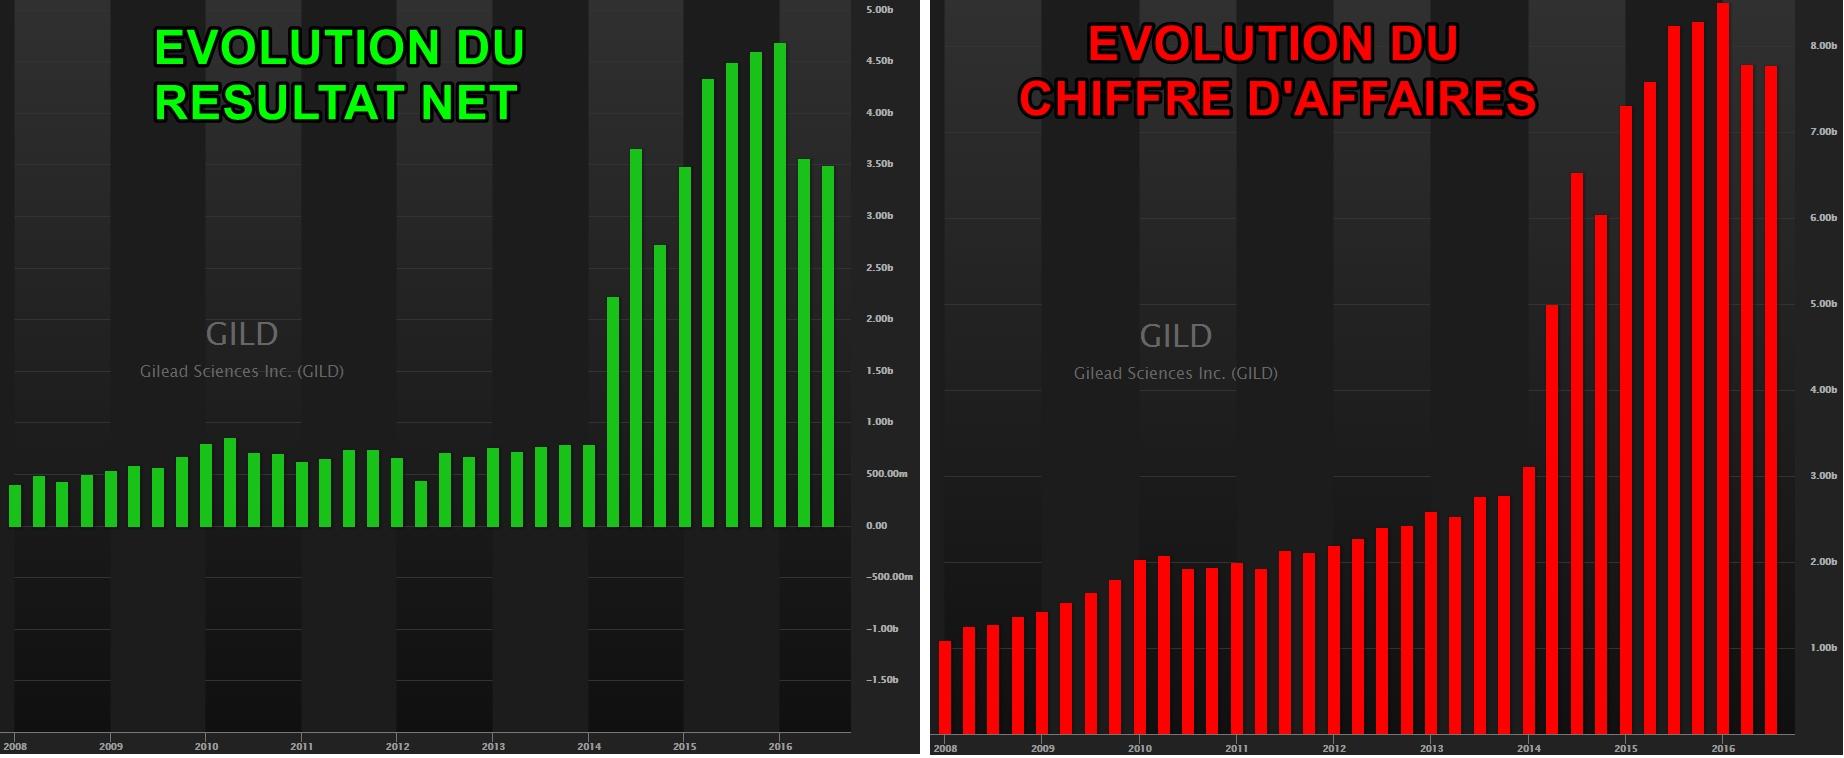 Evolution trimestrielle du Résultat Net et du Chiffre d'Affaires de Gilead, depuis 2008